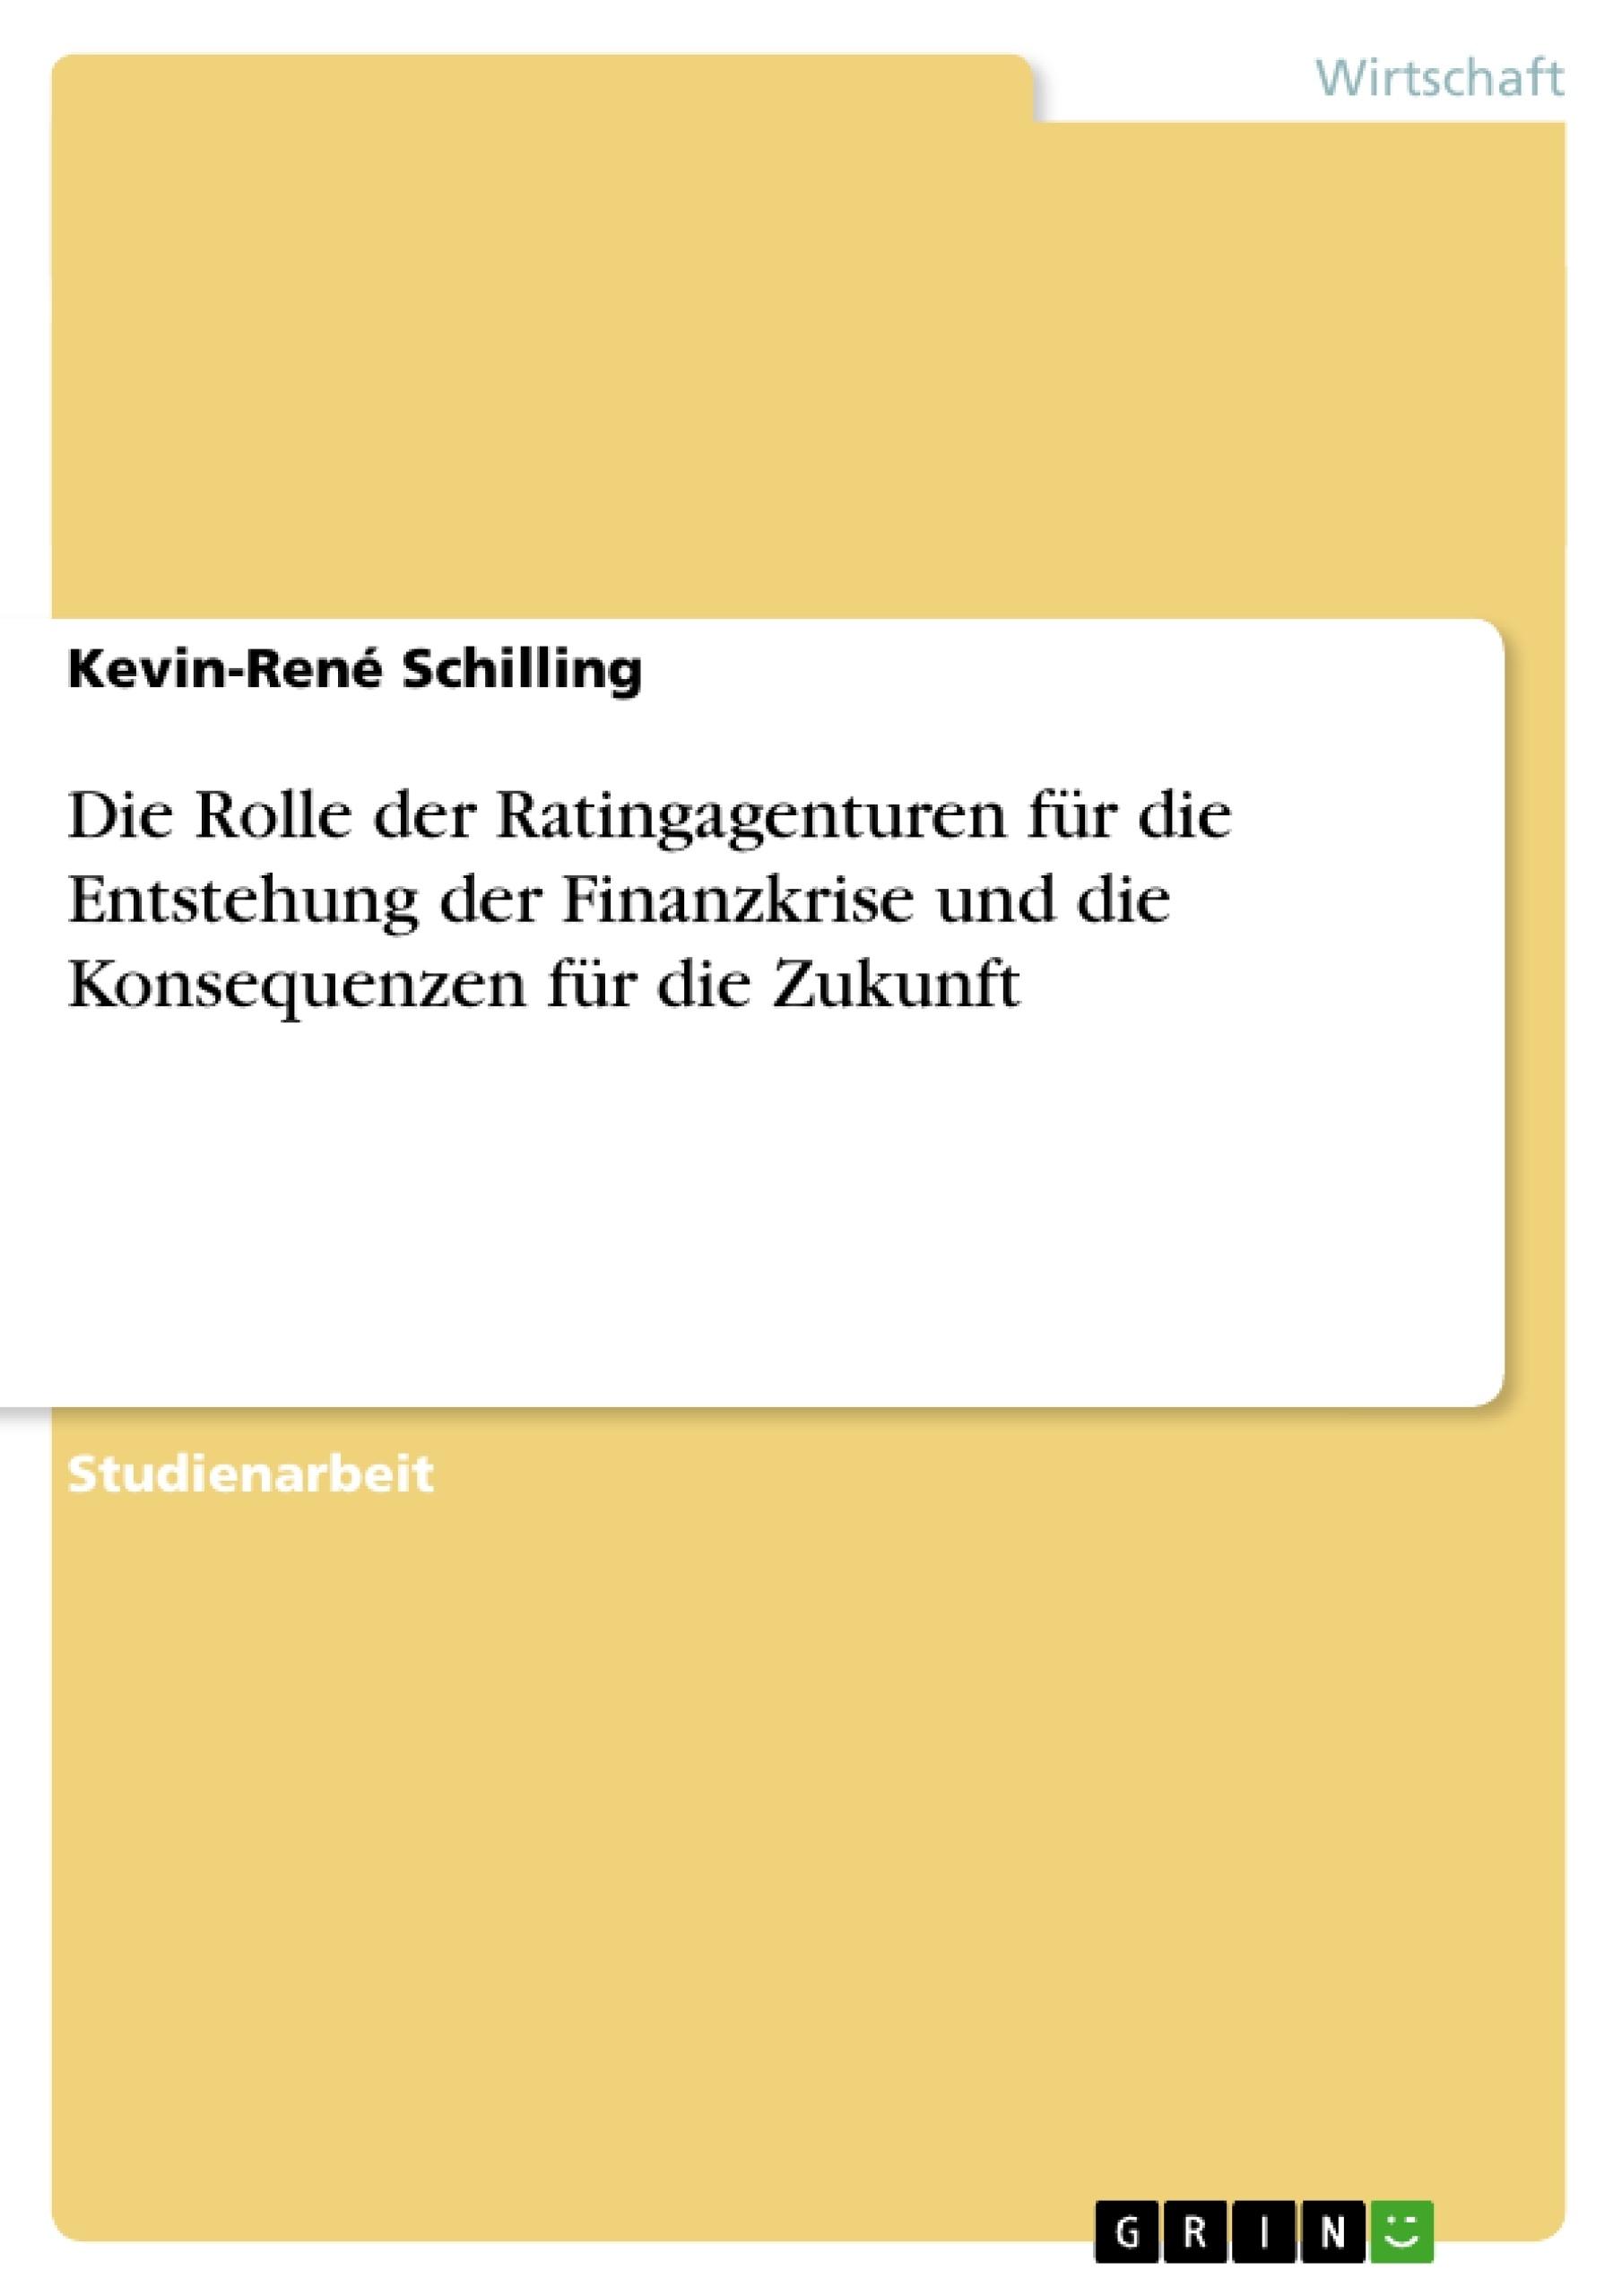 Titel: Die Rolle der Ratingagenturen für die Entstehung der Finanzkrise und die Konsequenzen für die Zukunft